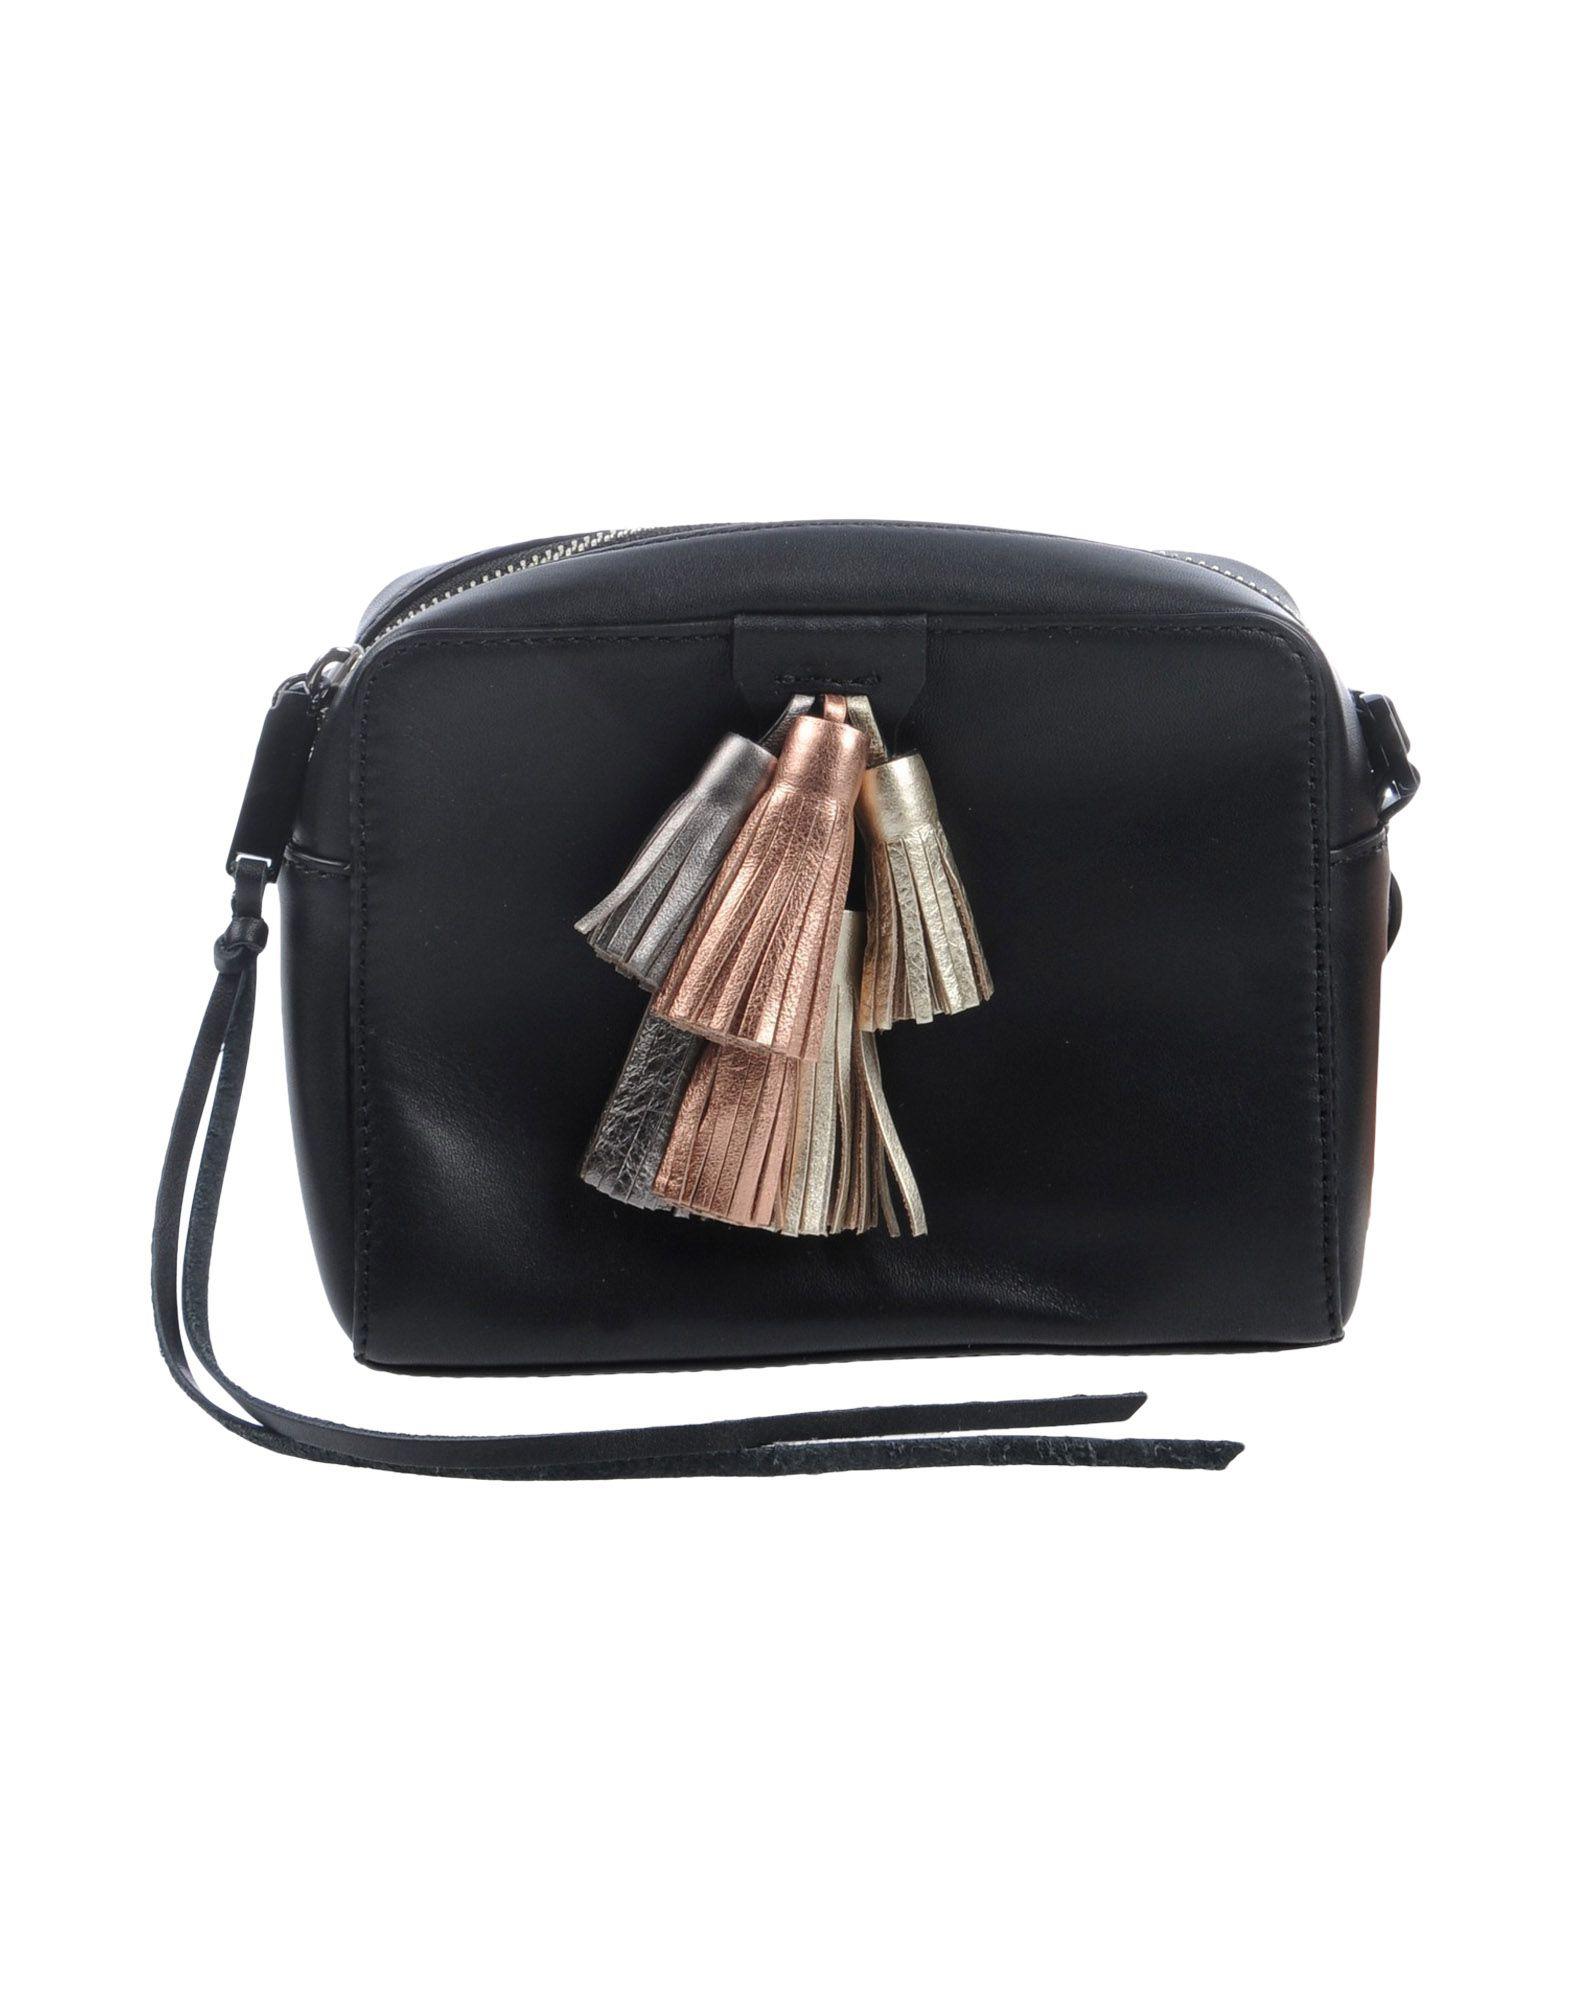 REBECCA MINKOFF Сумка через плечо сумка rebecca minkoff hsp7ecal13 001